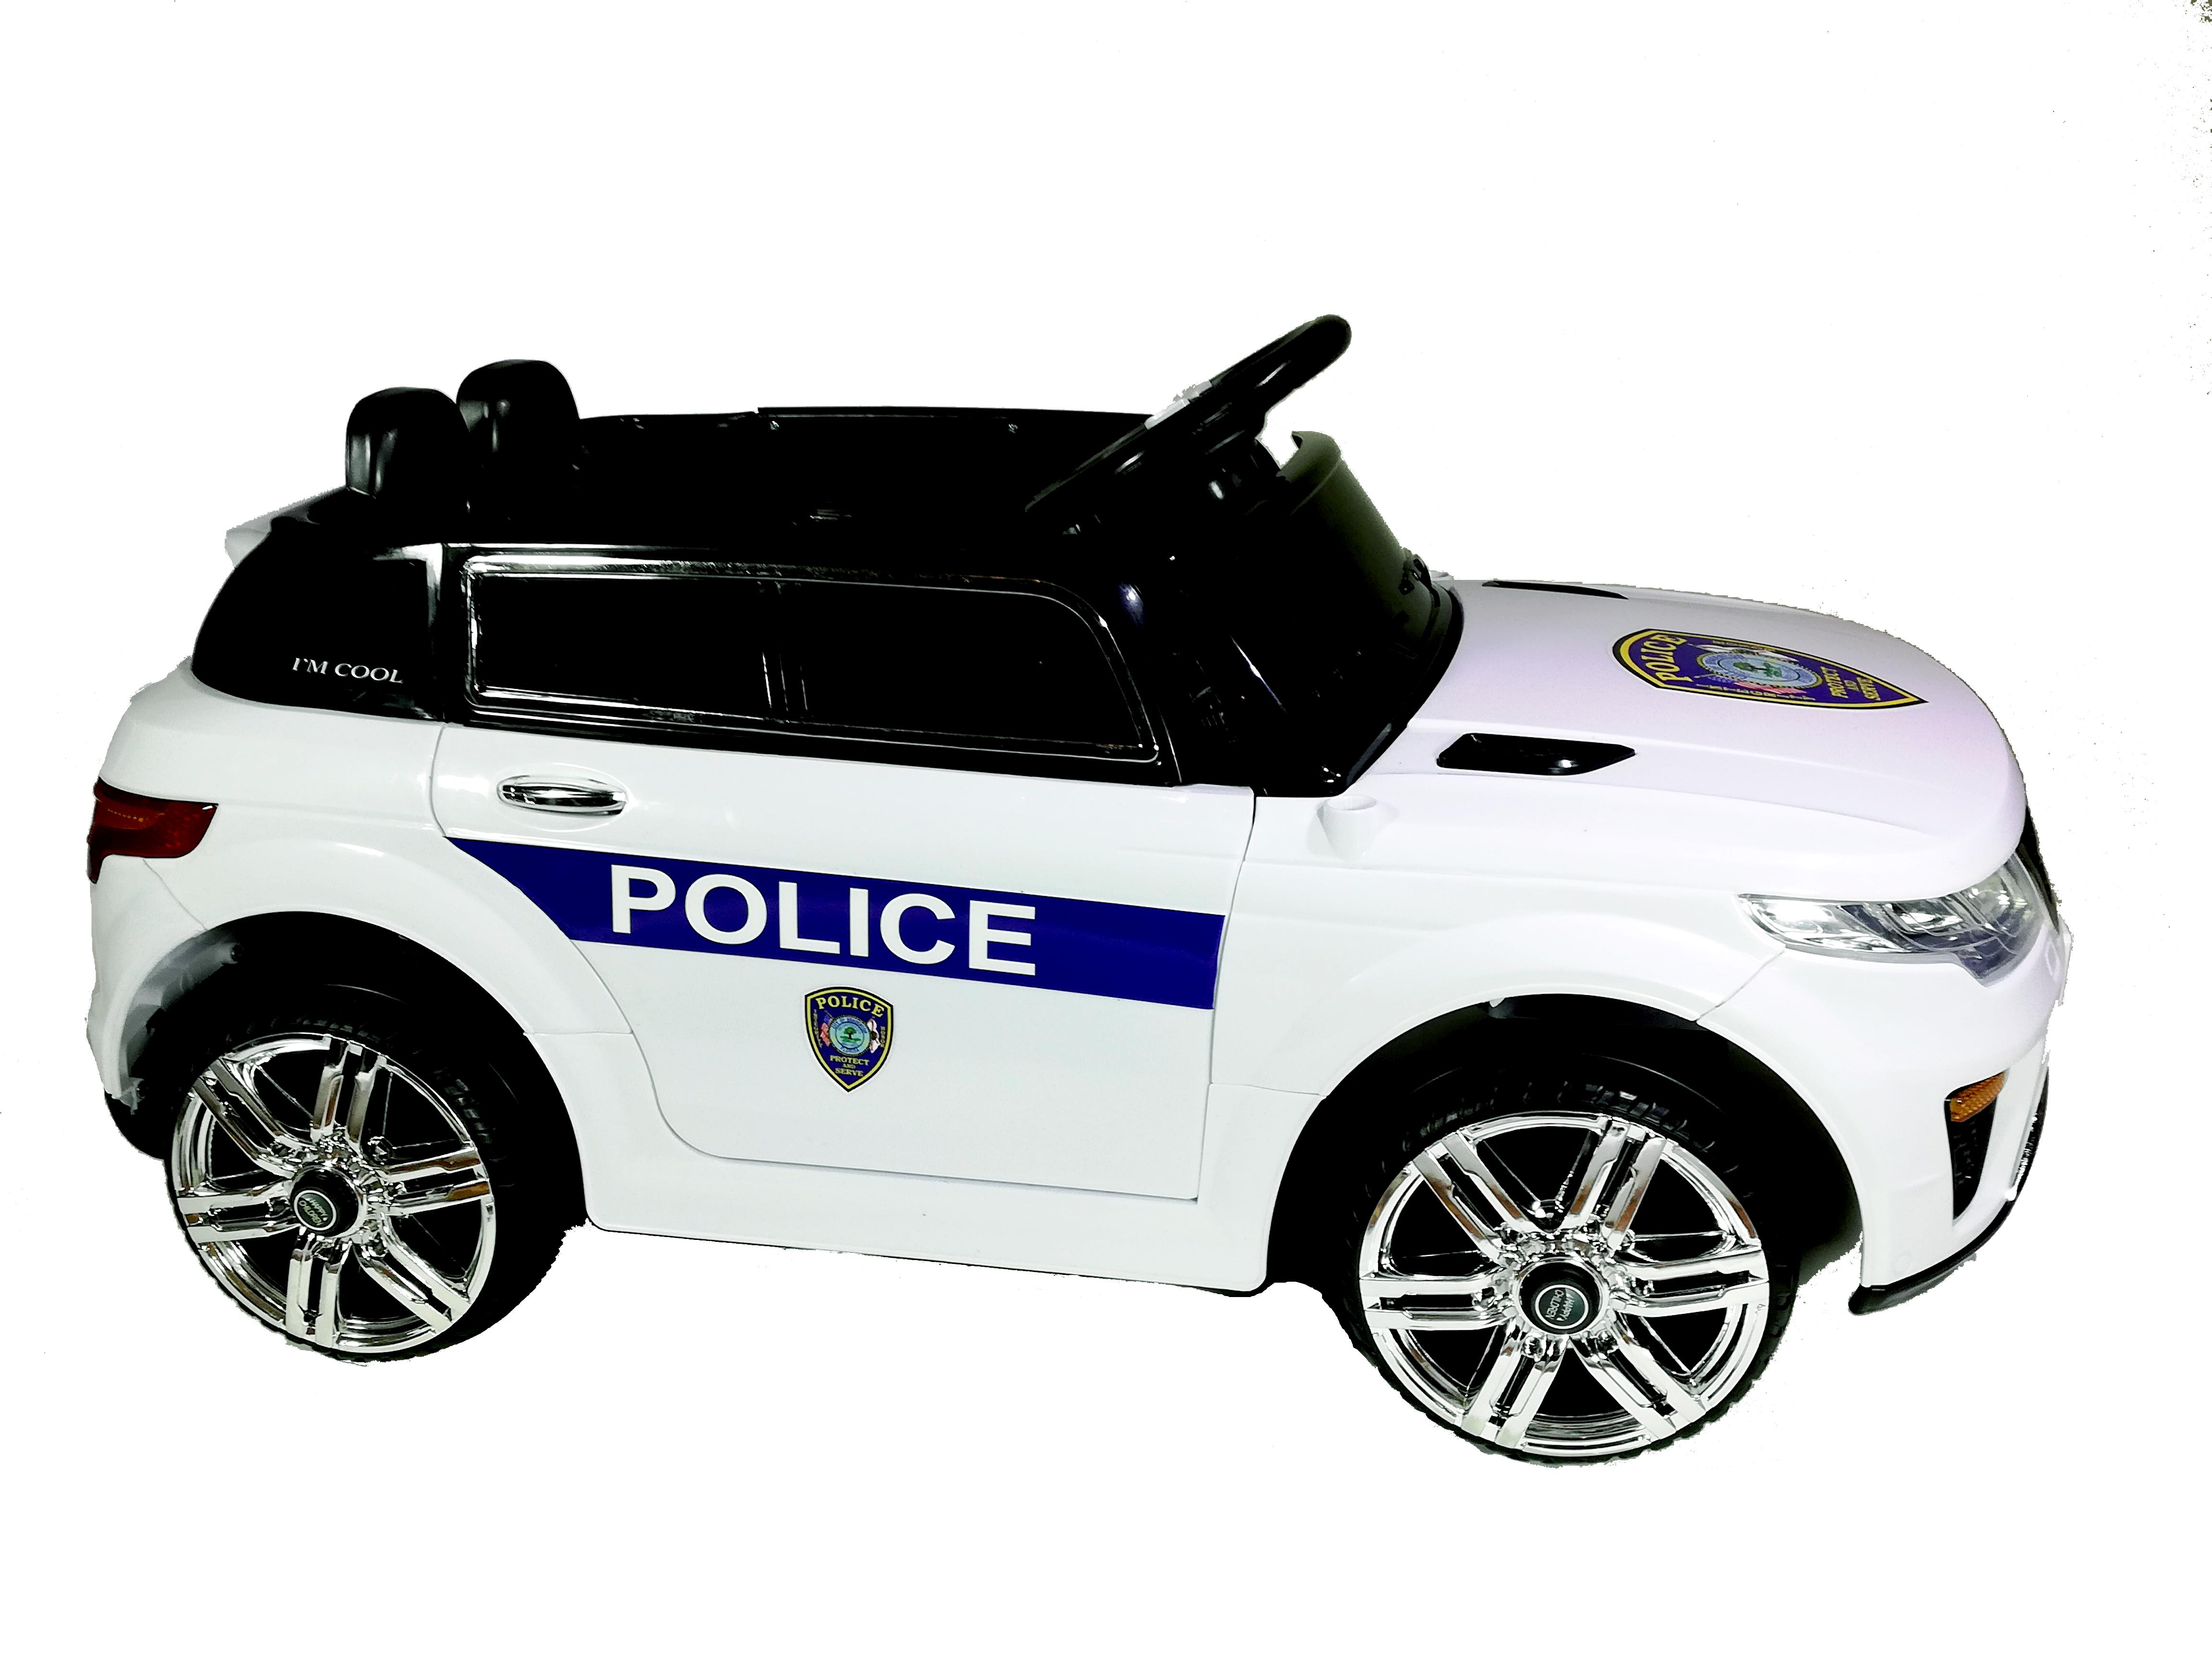 Ηλεκτροκίνητο παιδικό αυτοκίνητο τύπου Range Rover Police 12v με τηλ/ρολ  HJ1055